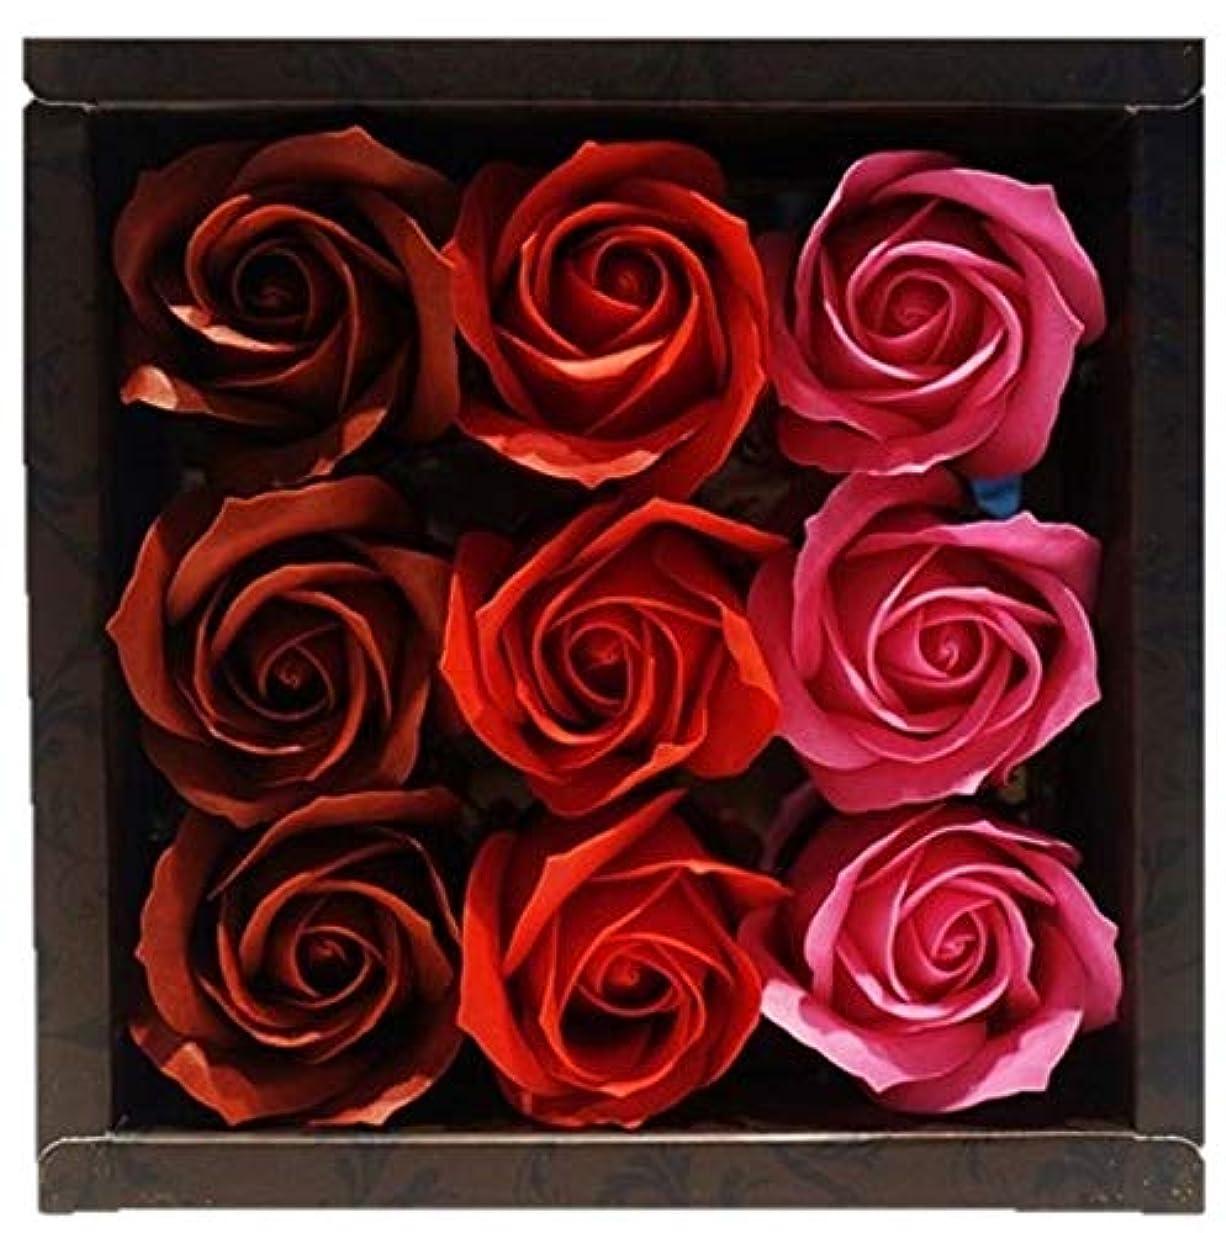 モールバズ賛辞バスフレグランス バスフラワー ローズフレグランス レッドカラー お花の形の入浴剤 プレゼント ばら